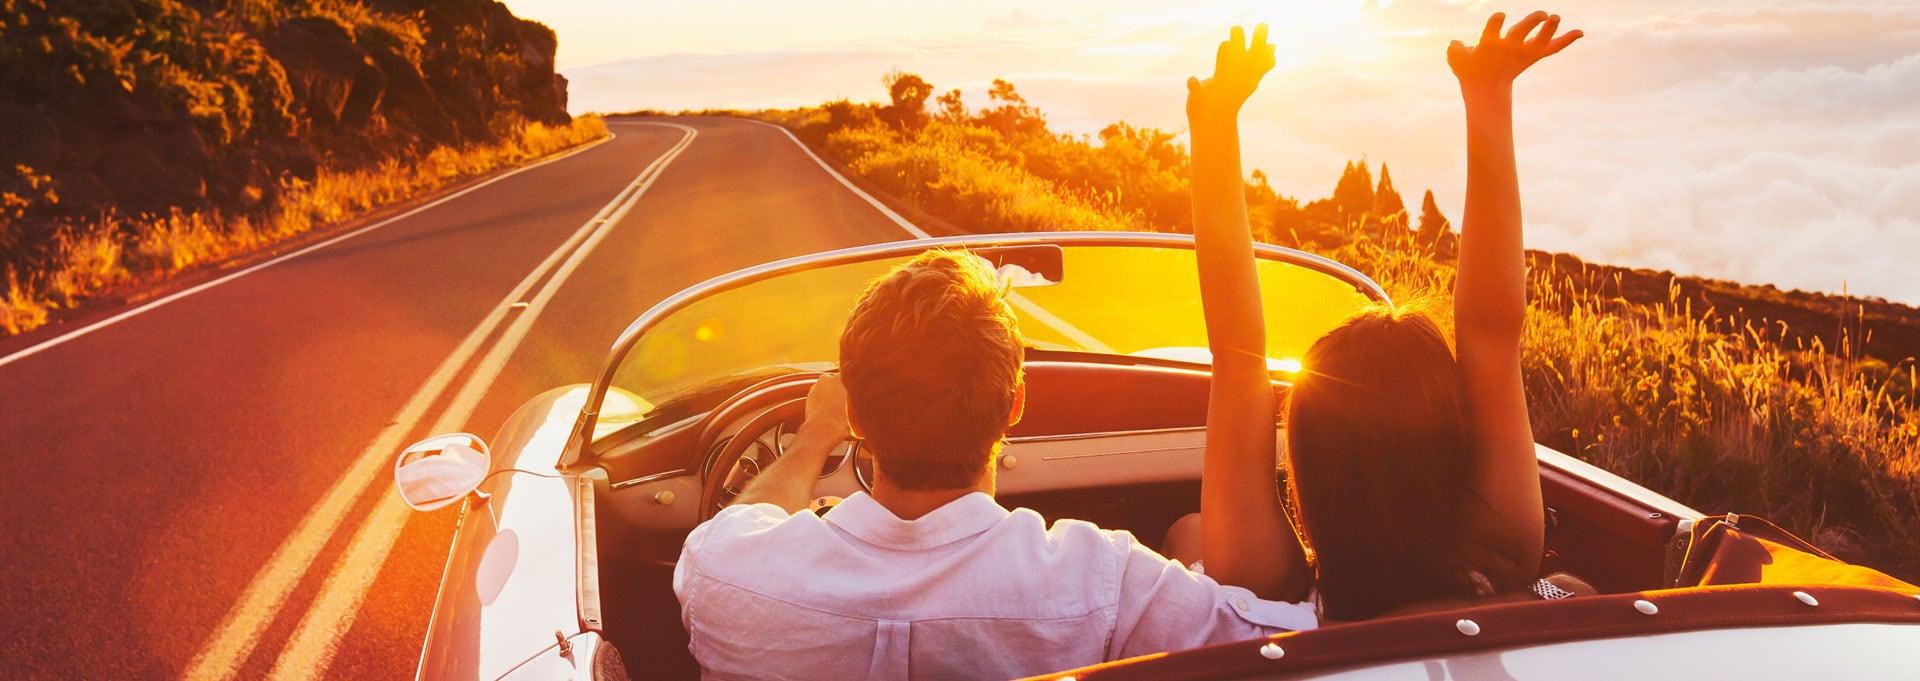 Glückliche Kunden mit Gebrauchtwagengarantie